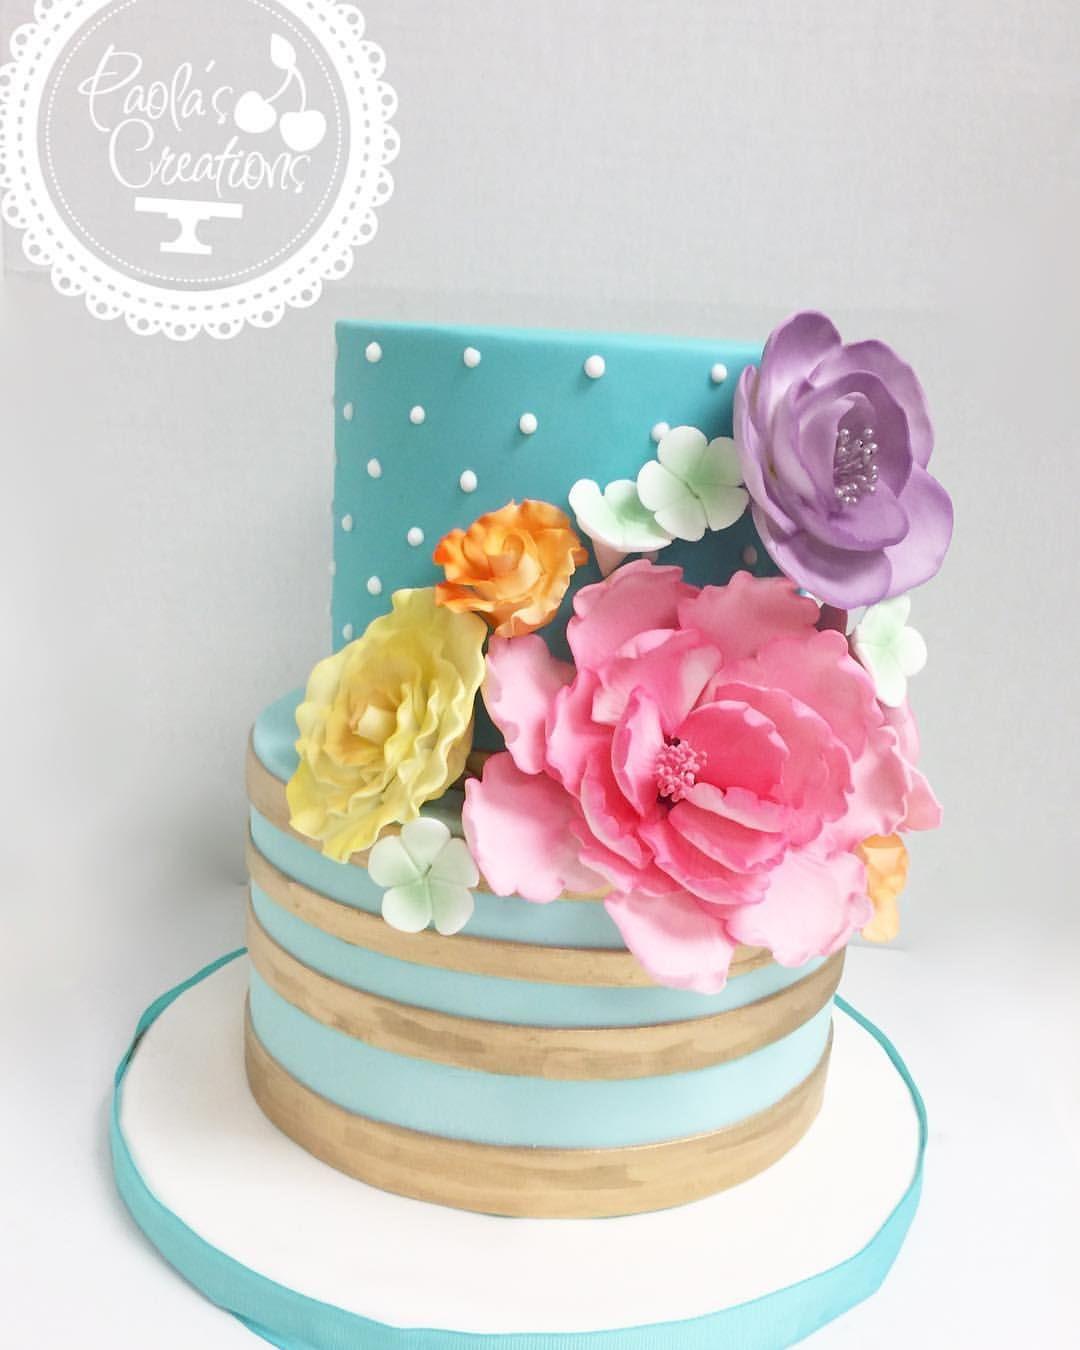 Chic Flowers Cake cake custom customcakes miami miamicakes